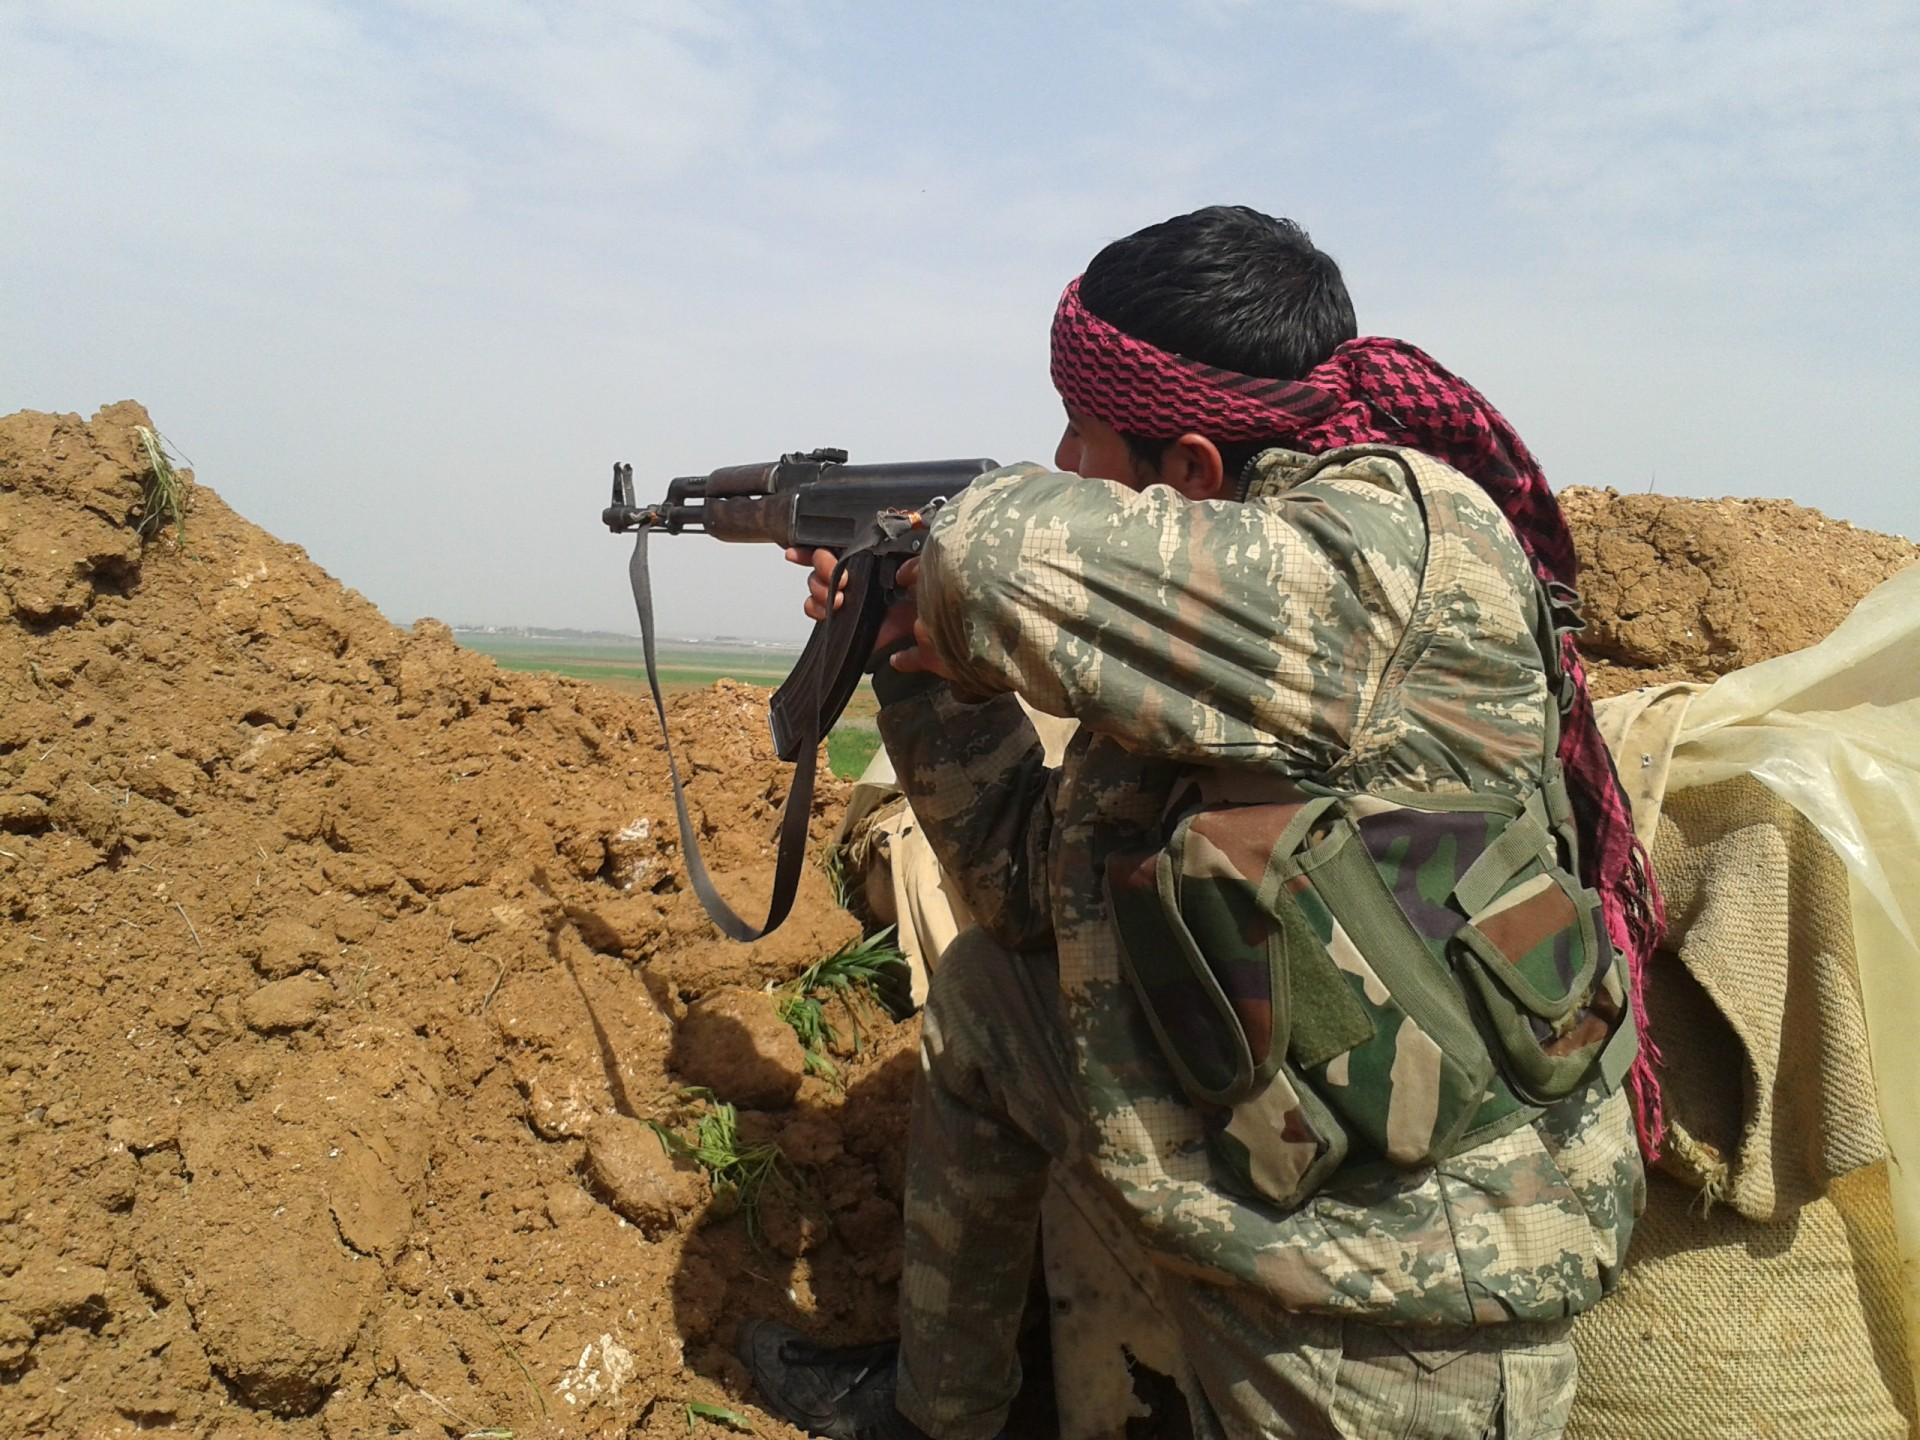 koerdische strijders IS Islamitische Staat